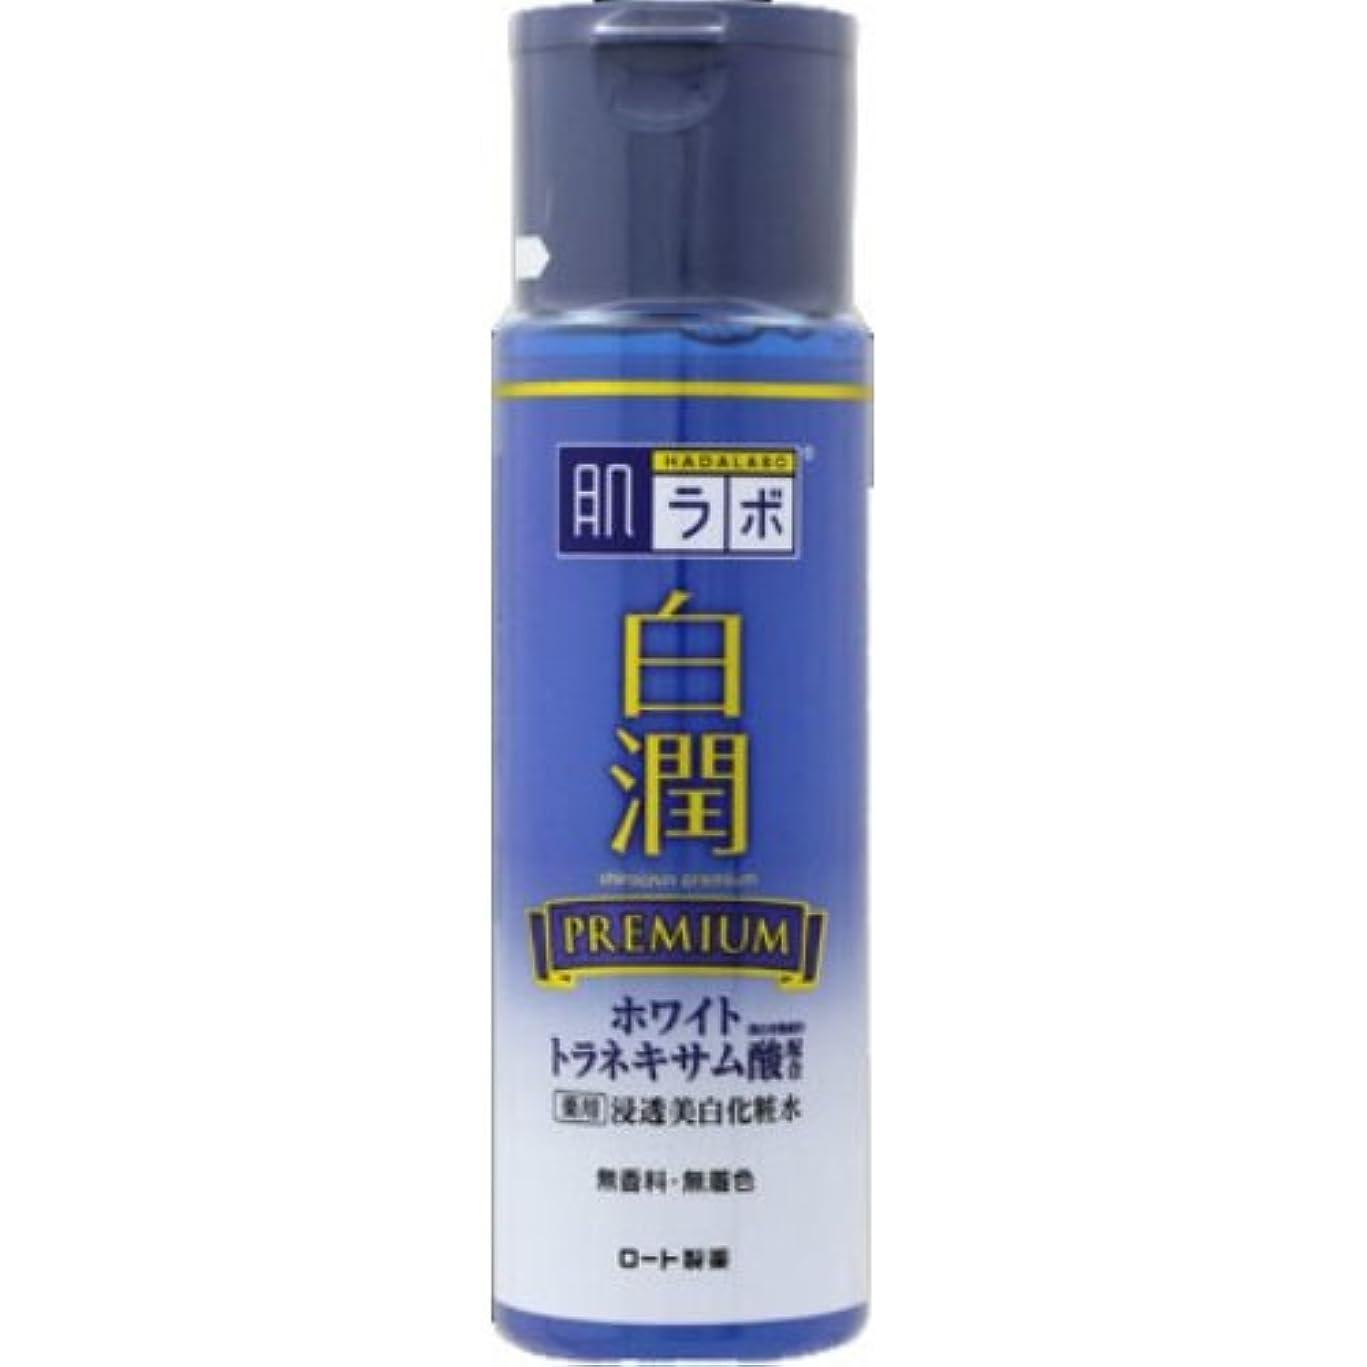 目を覚ます知覚できる検証肌ラボ 白潤プレミアム 薬用浸透美白化粧水 170mL × 5個セット